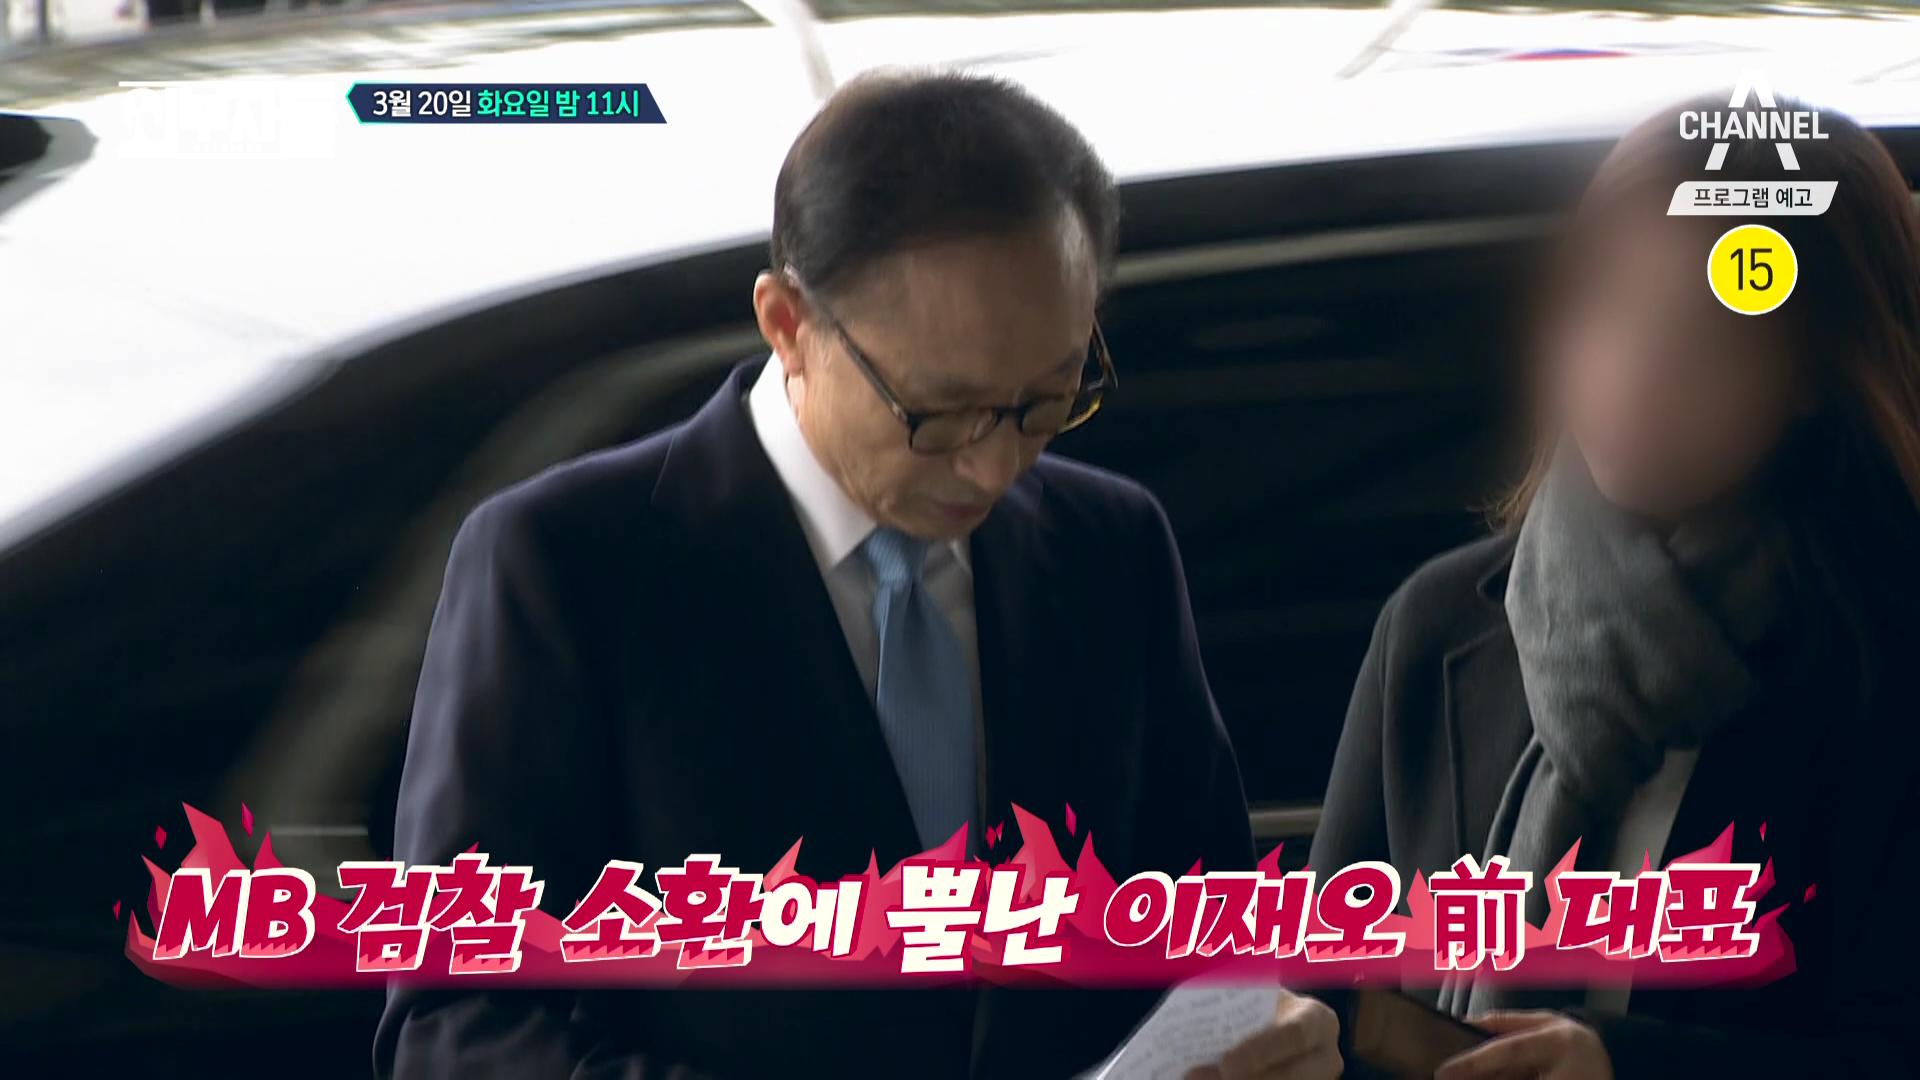 [예고] 이재오 vs 김경진, MB를 둘러싼 치열한 공방전 이미지